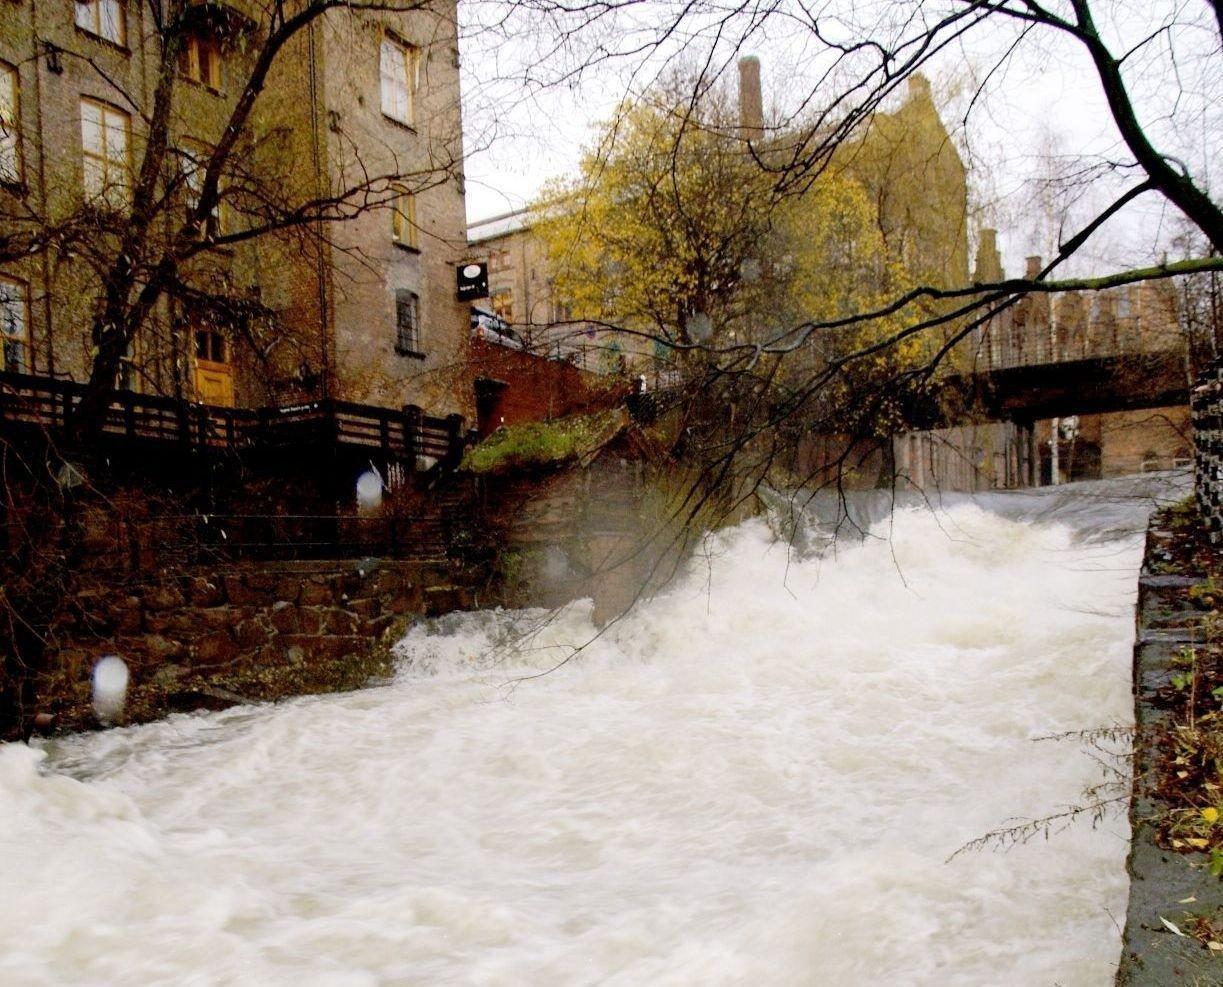 Det kan være et flott skue å se, nå som vannstanden i elvene er såpass høy. Her fra Akerselva.